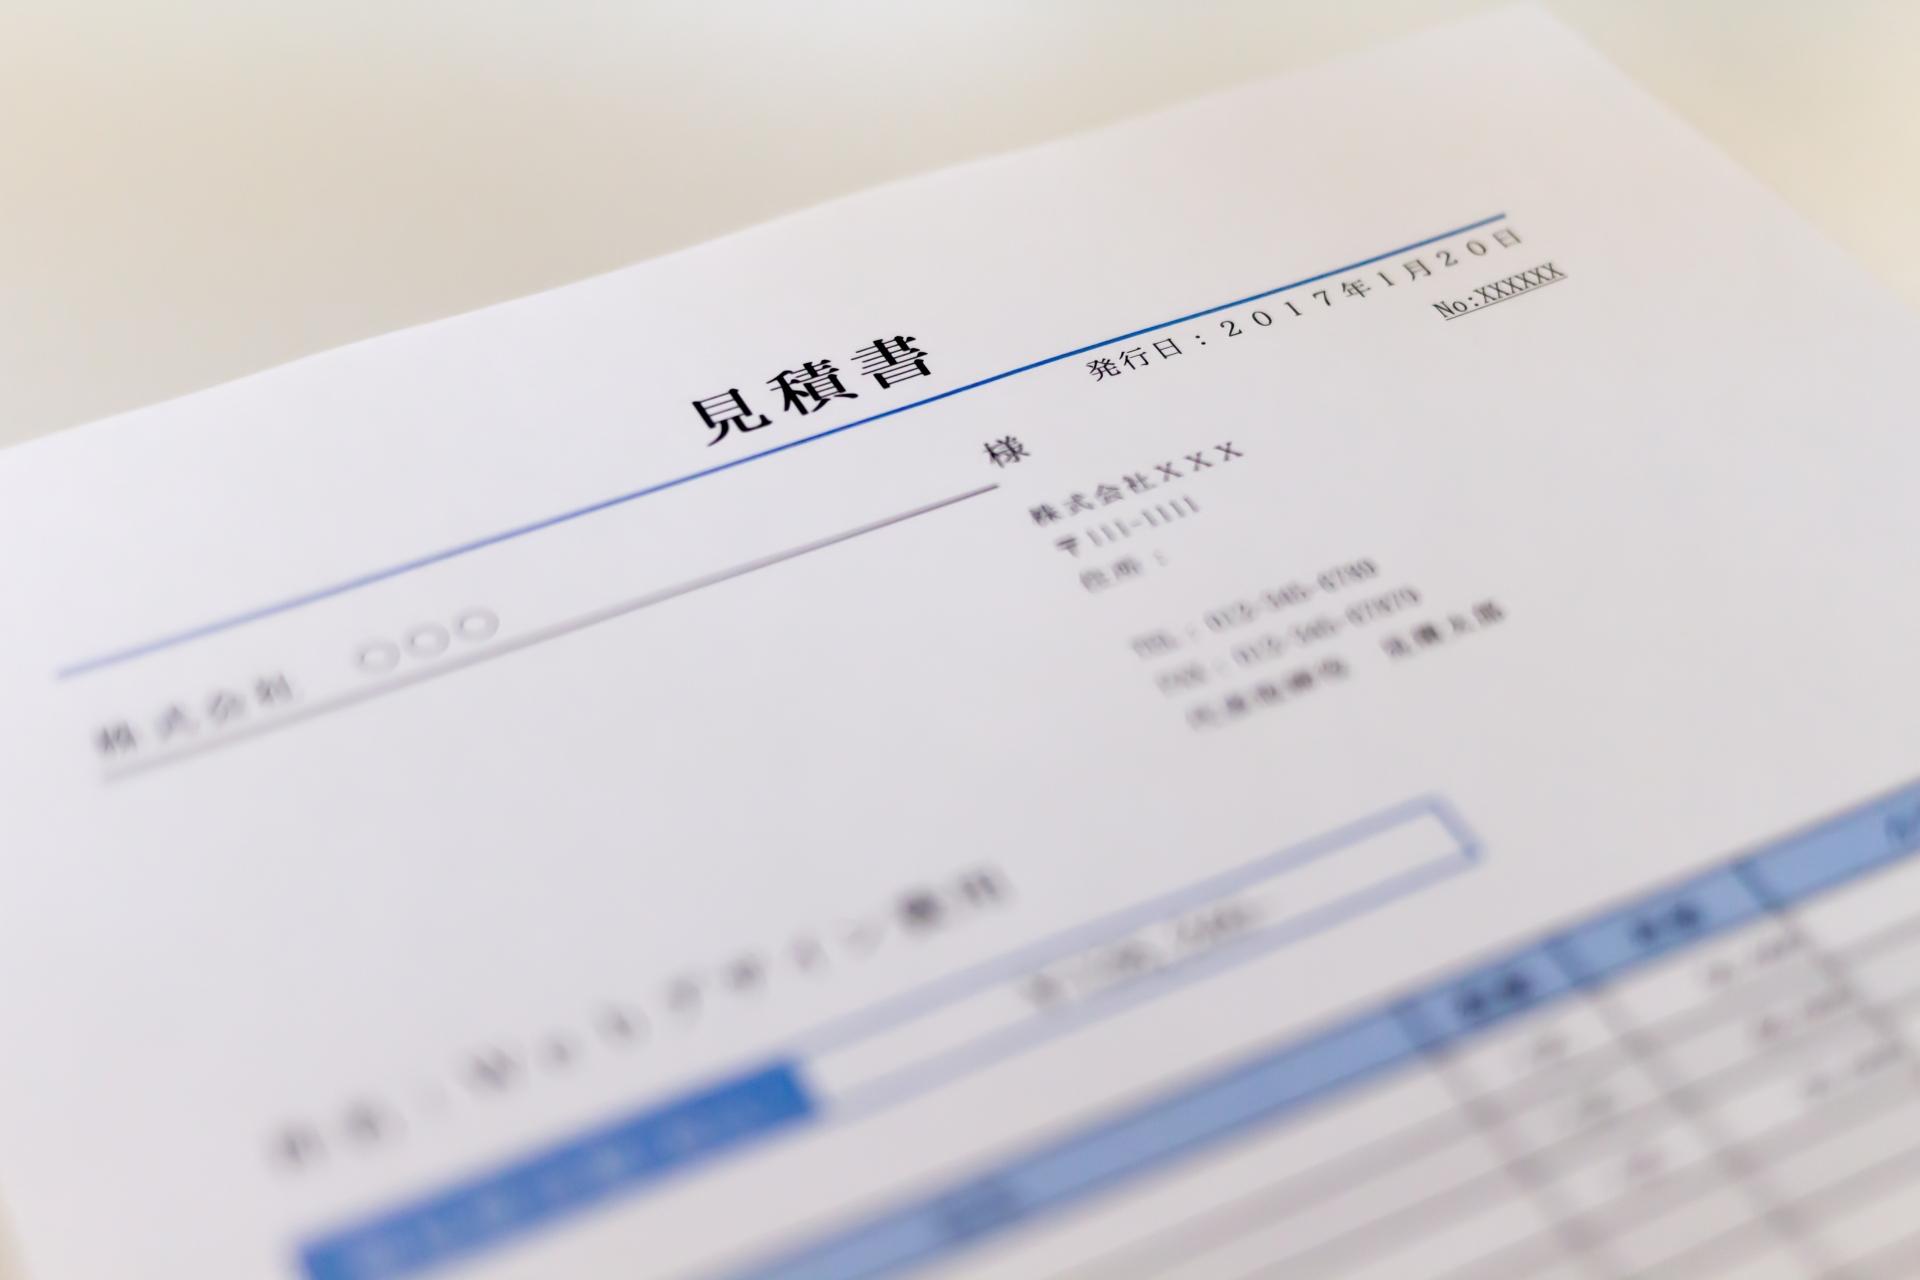 登記費用や火災保険で施主がぼったくられないように見積書をチェックしてくれる営業マンは信頼できる